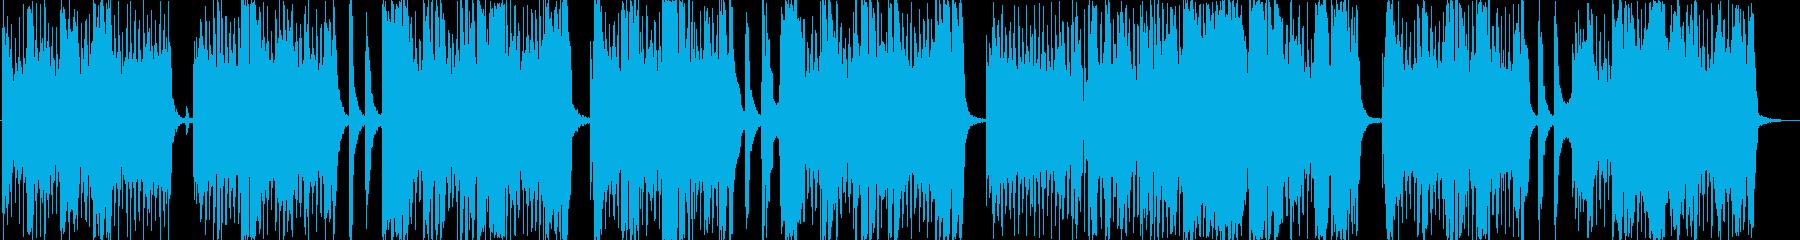 ロックとディストーション。ルラをバップ。の再生済みの波形